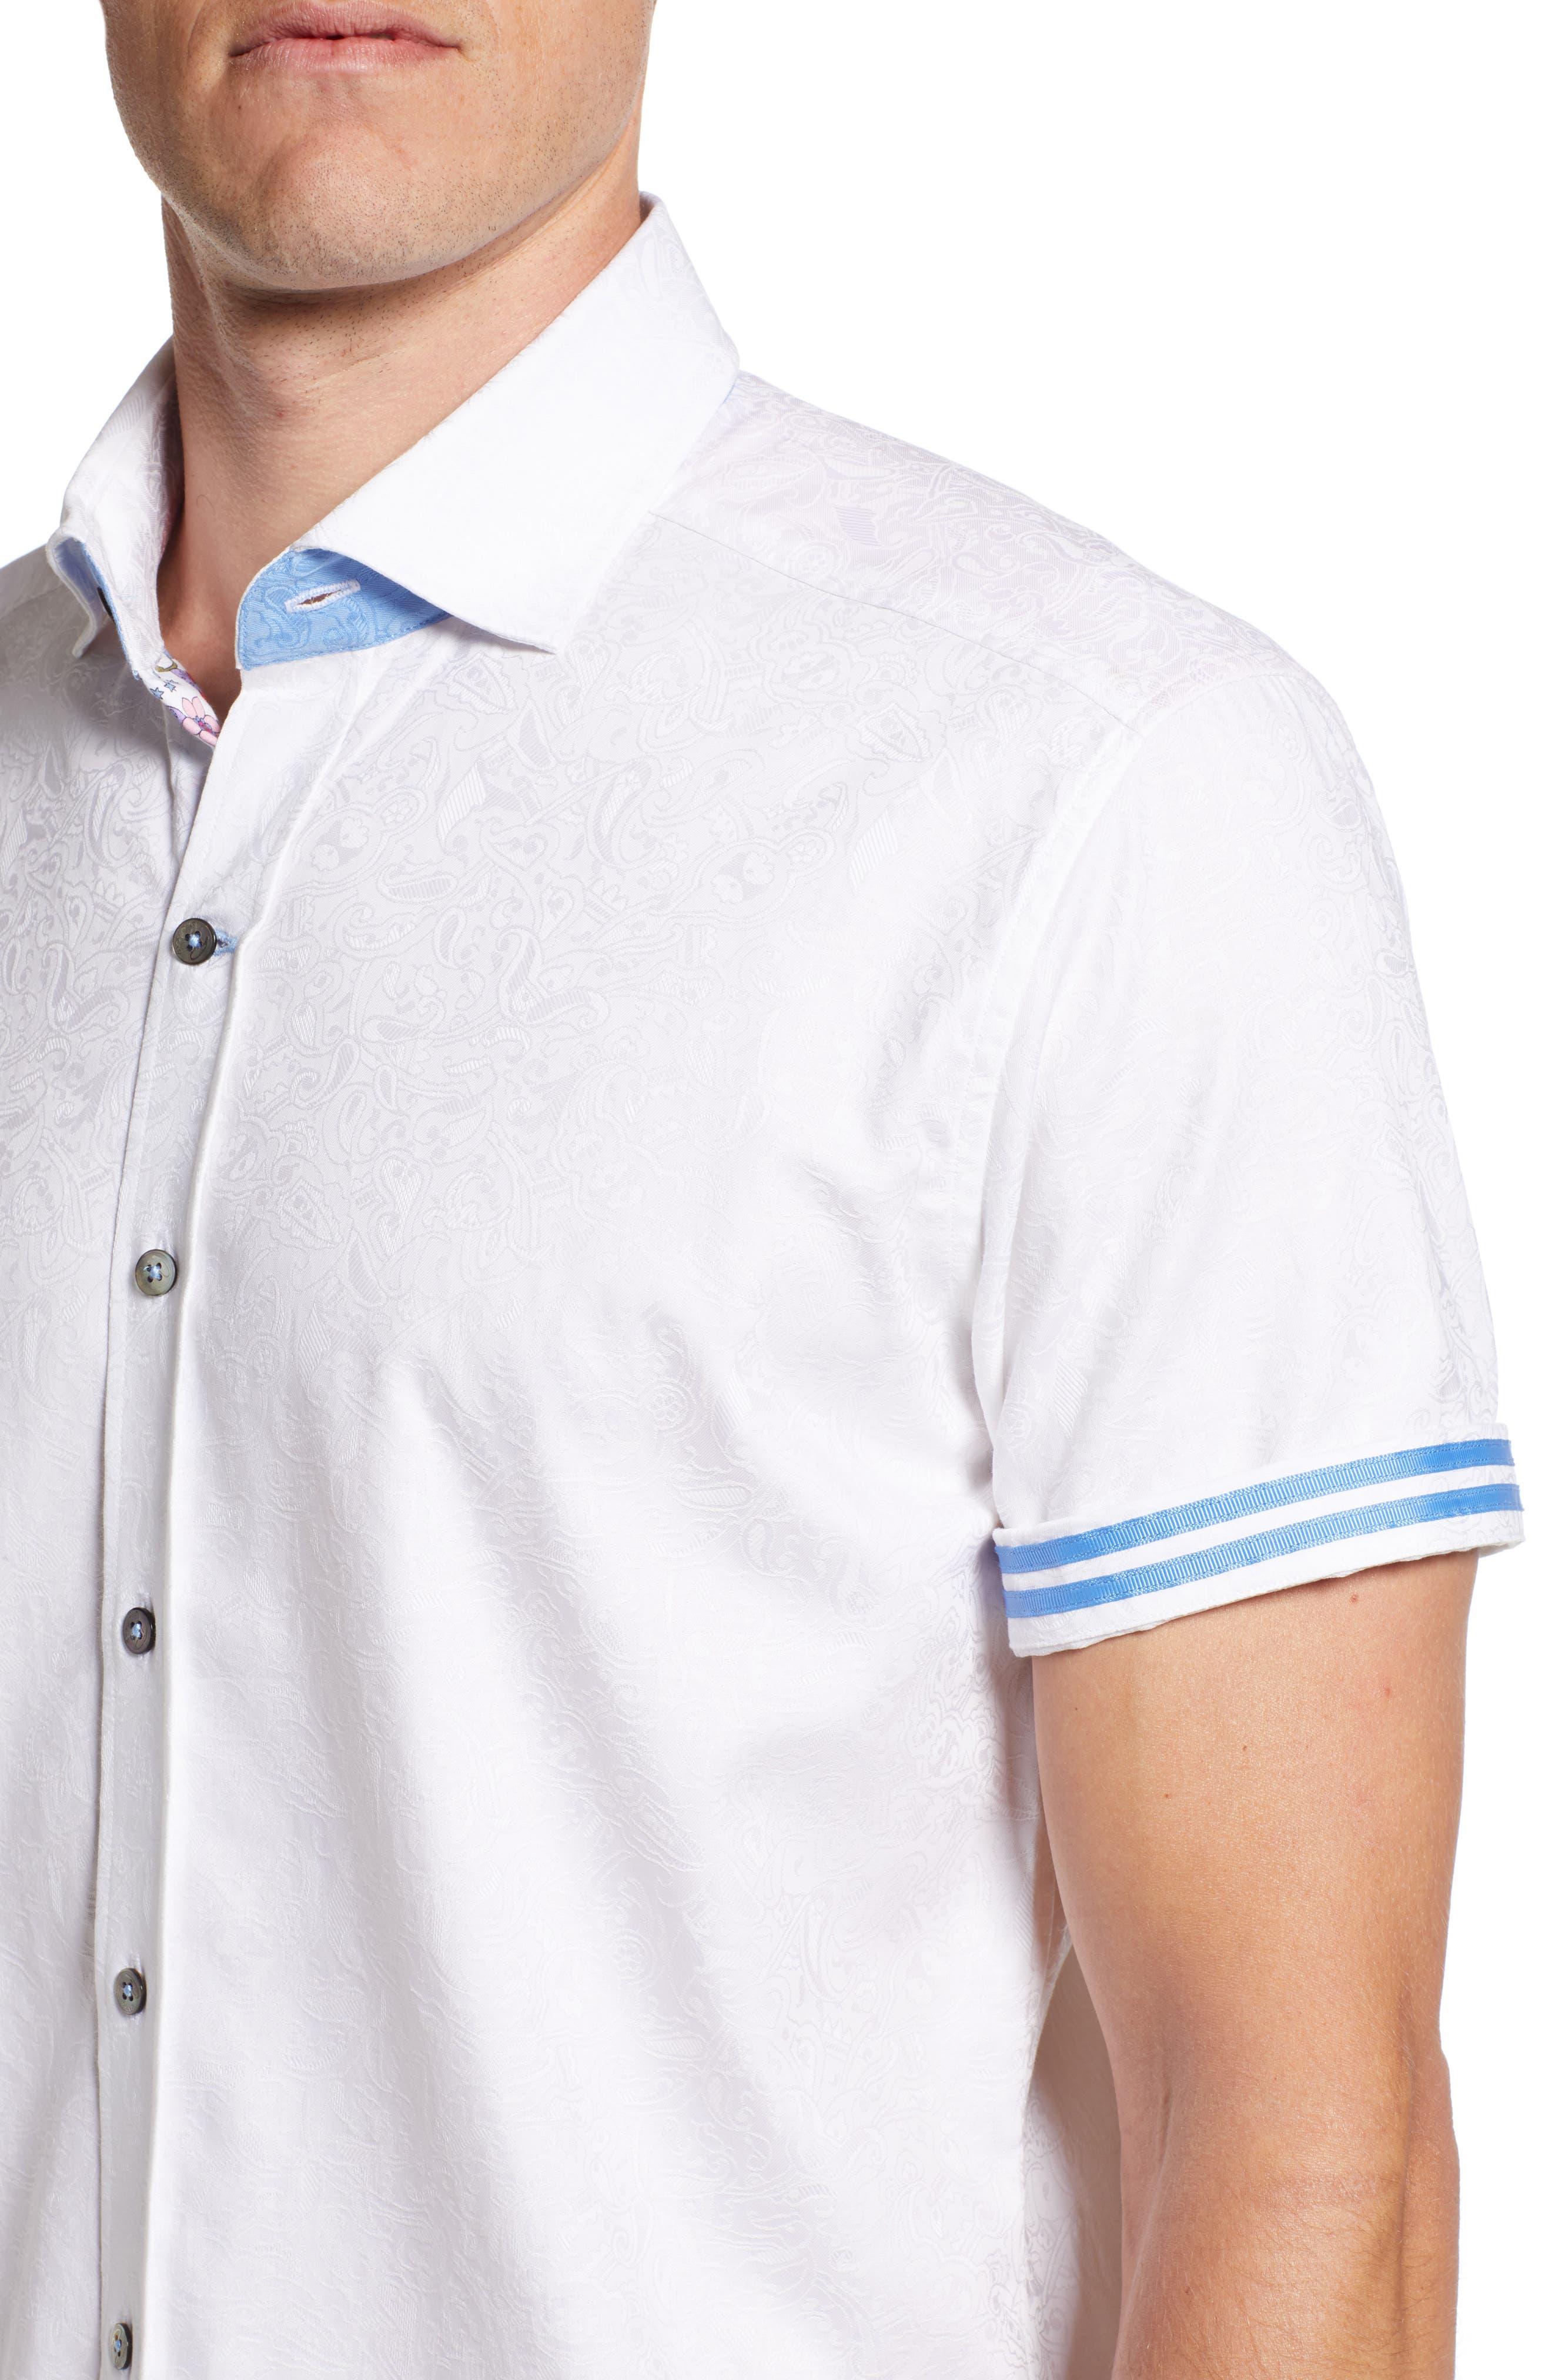 Abbott Sport Shirt,                             Alternate thumbnail 2, color,                             White